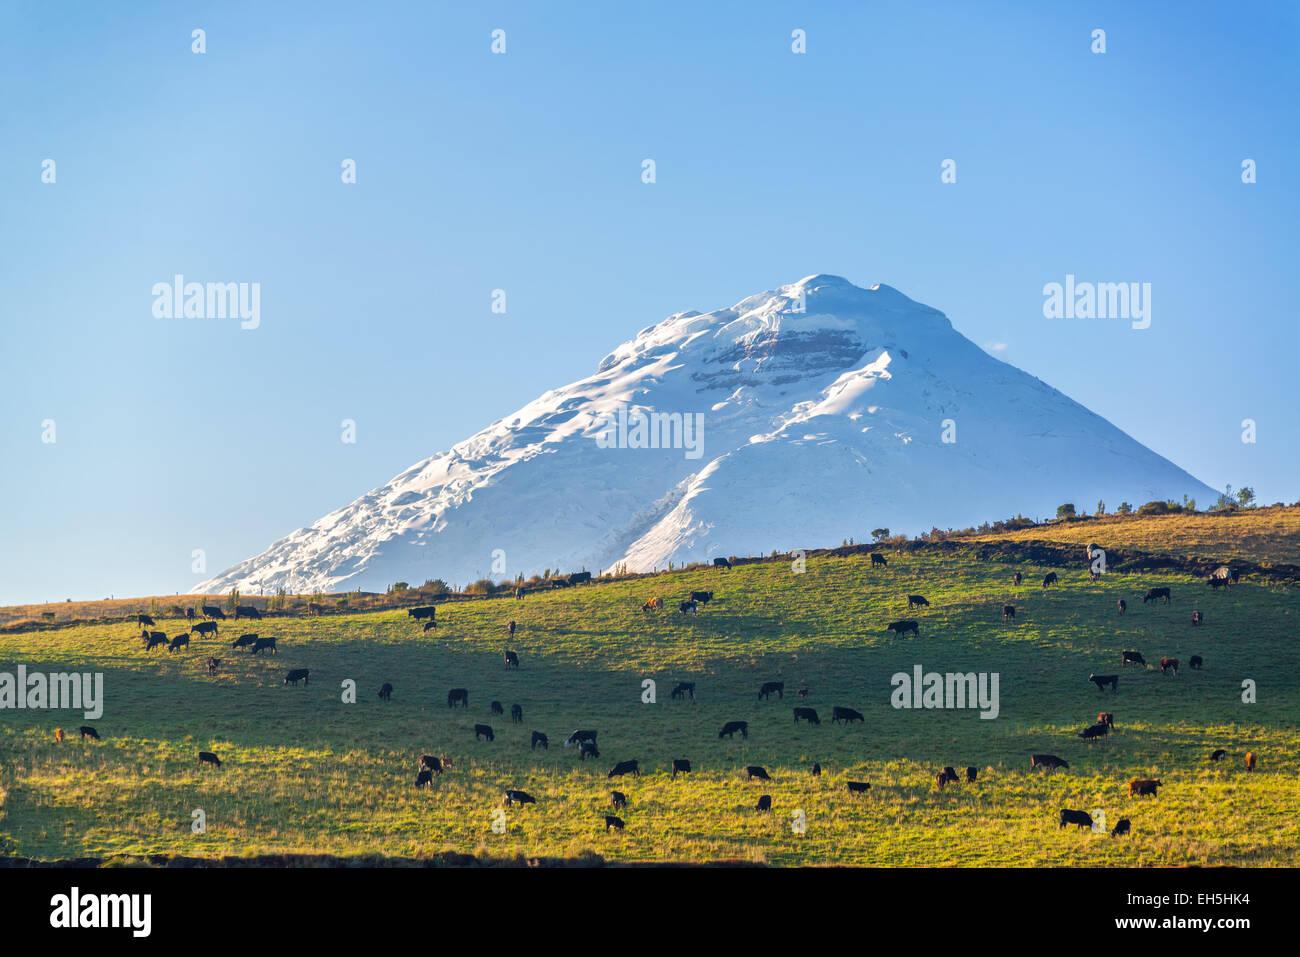 Ansicht von Nutztieren auf einem Hügel mit Cotopaxi Vulkan überragt es in Ecuador Stockbild